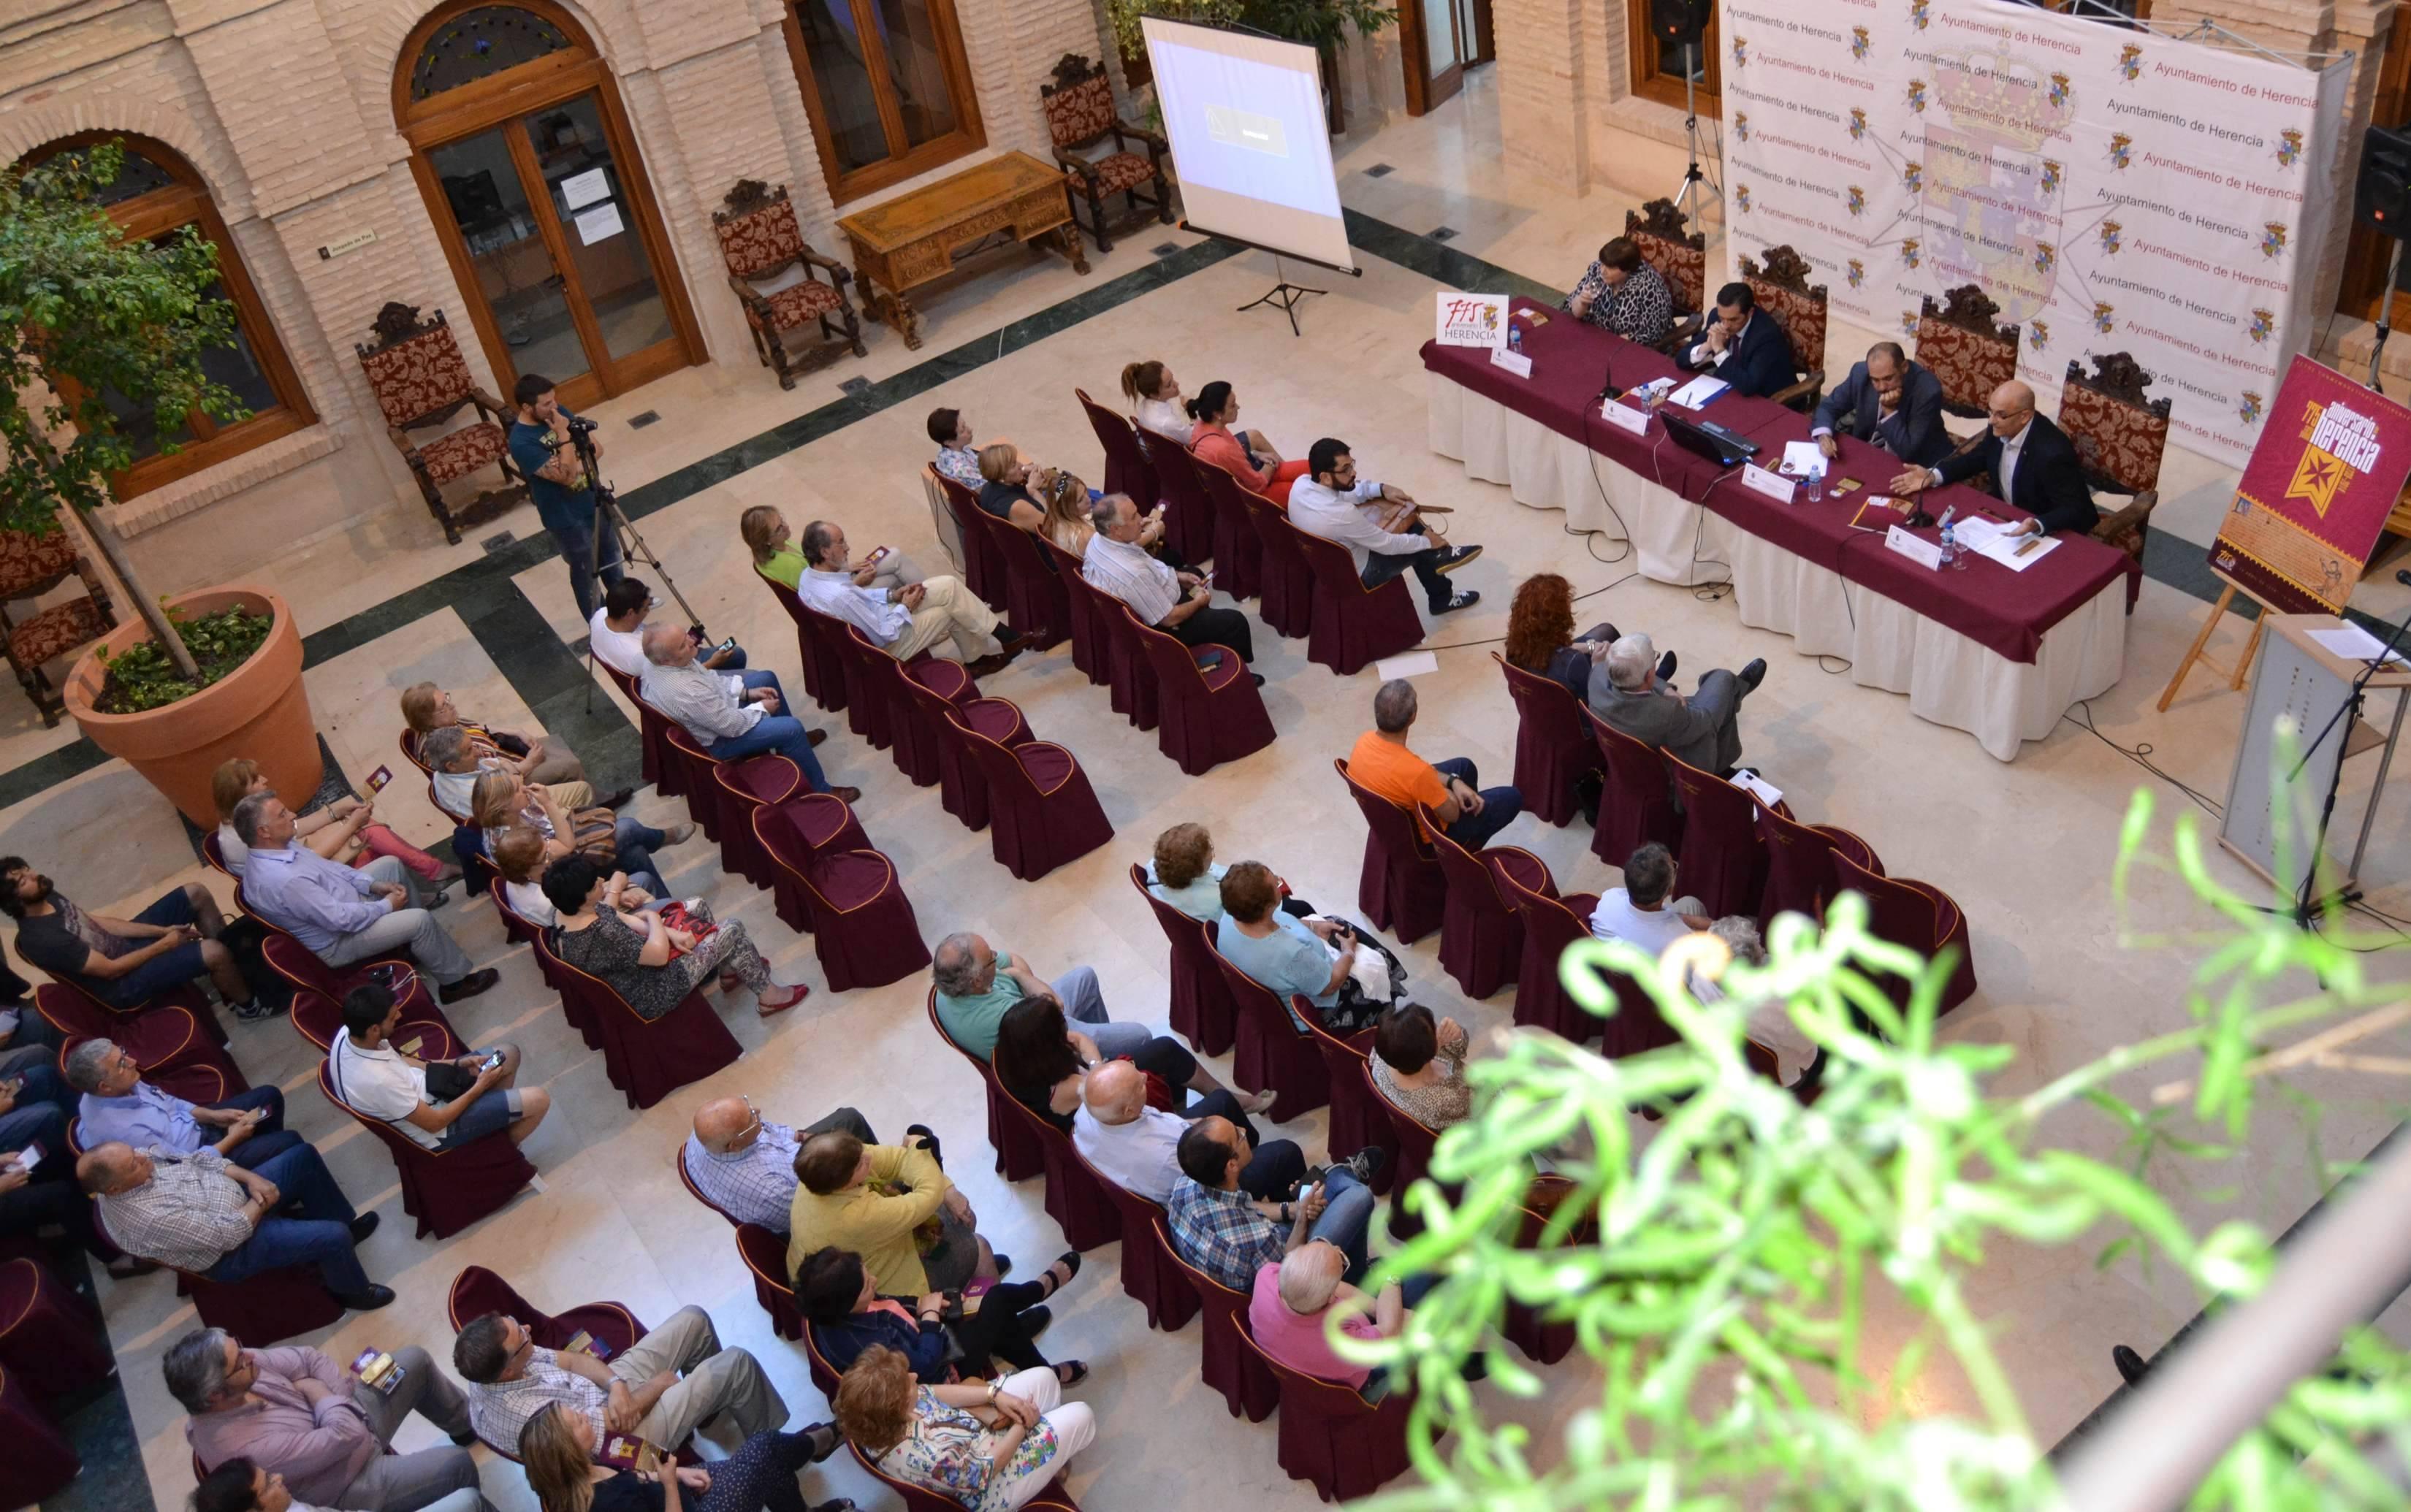 herencia 775 publico desde arriba - El jueves 12 continúan las jornadas de historia de Herencia